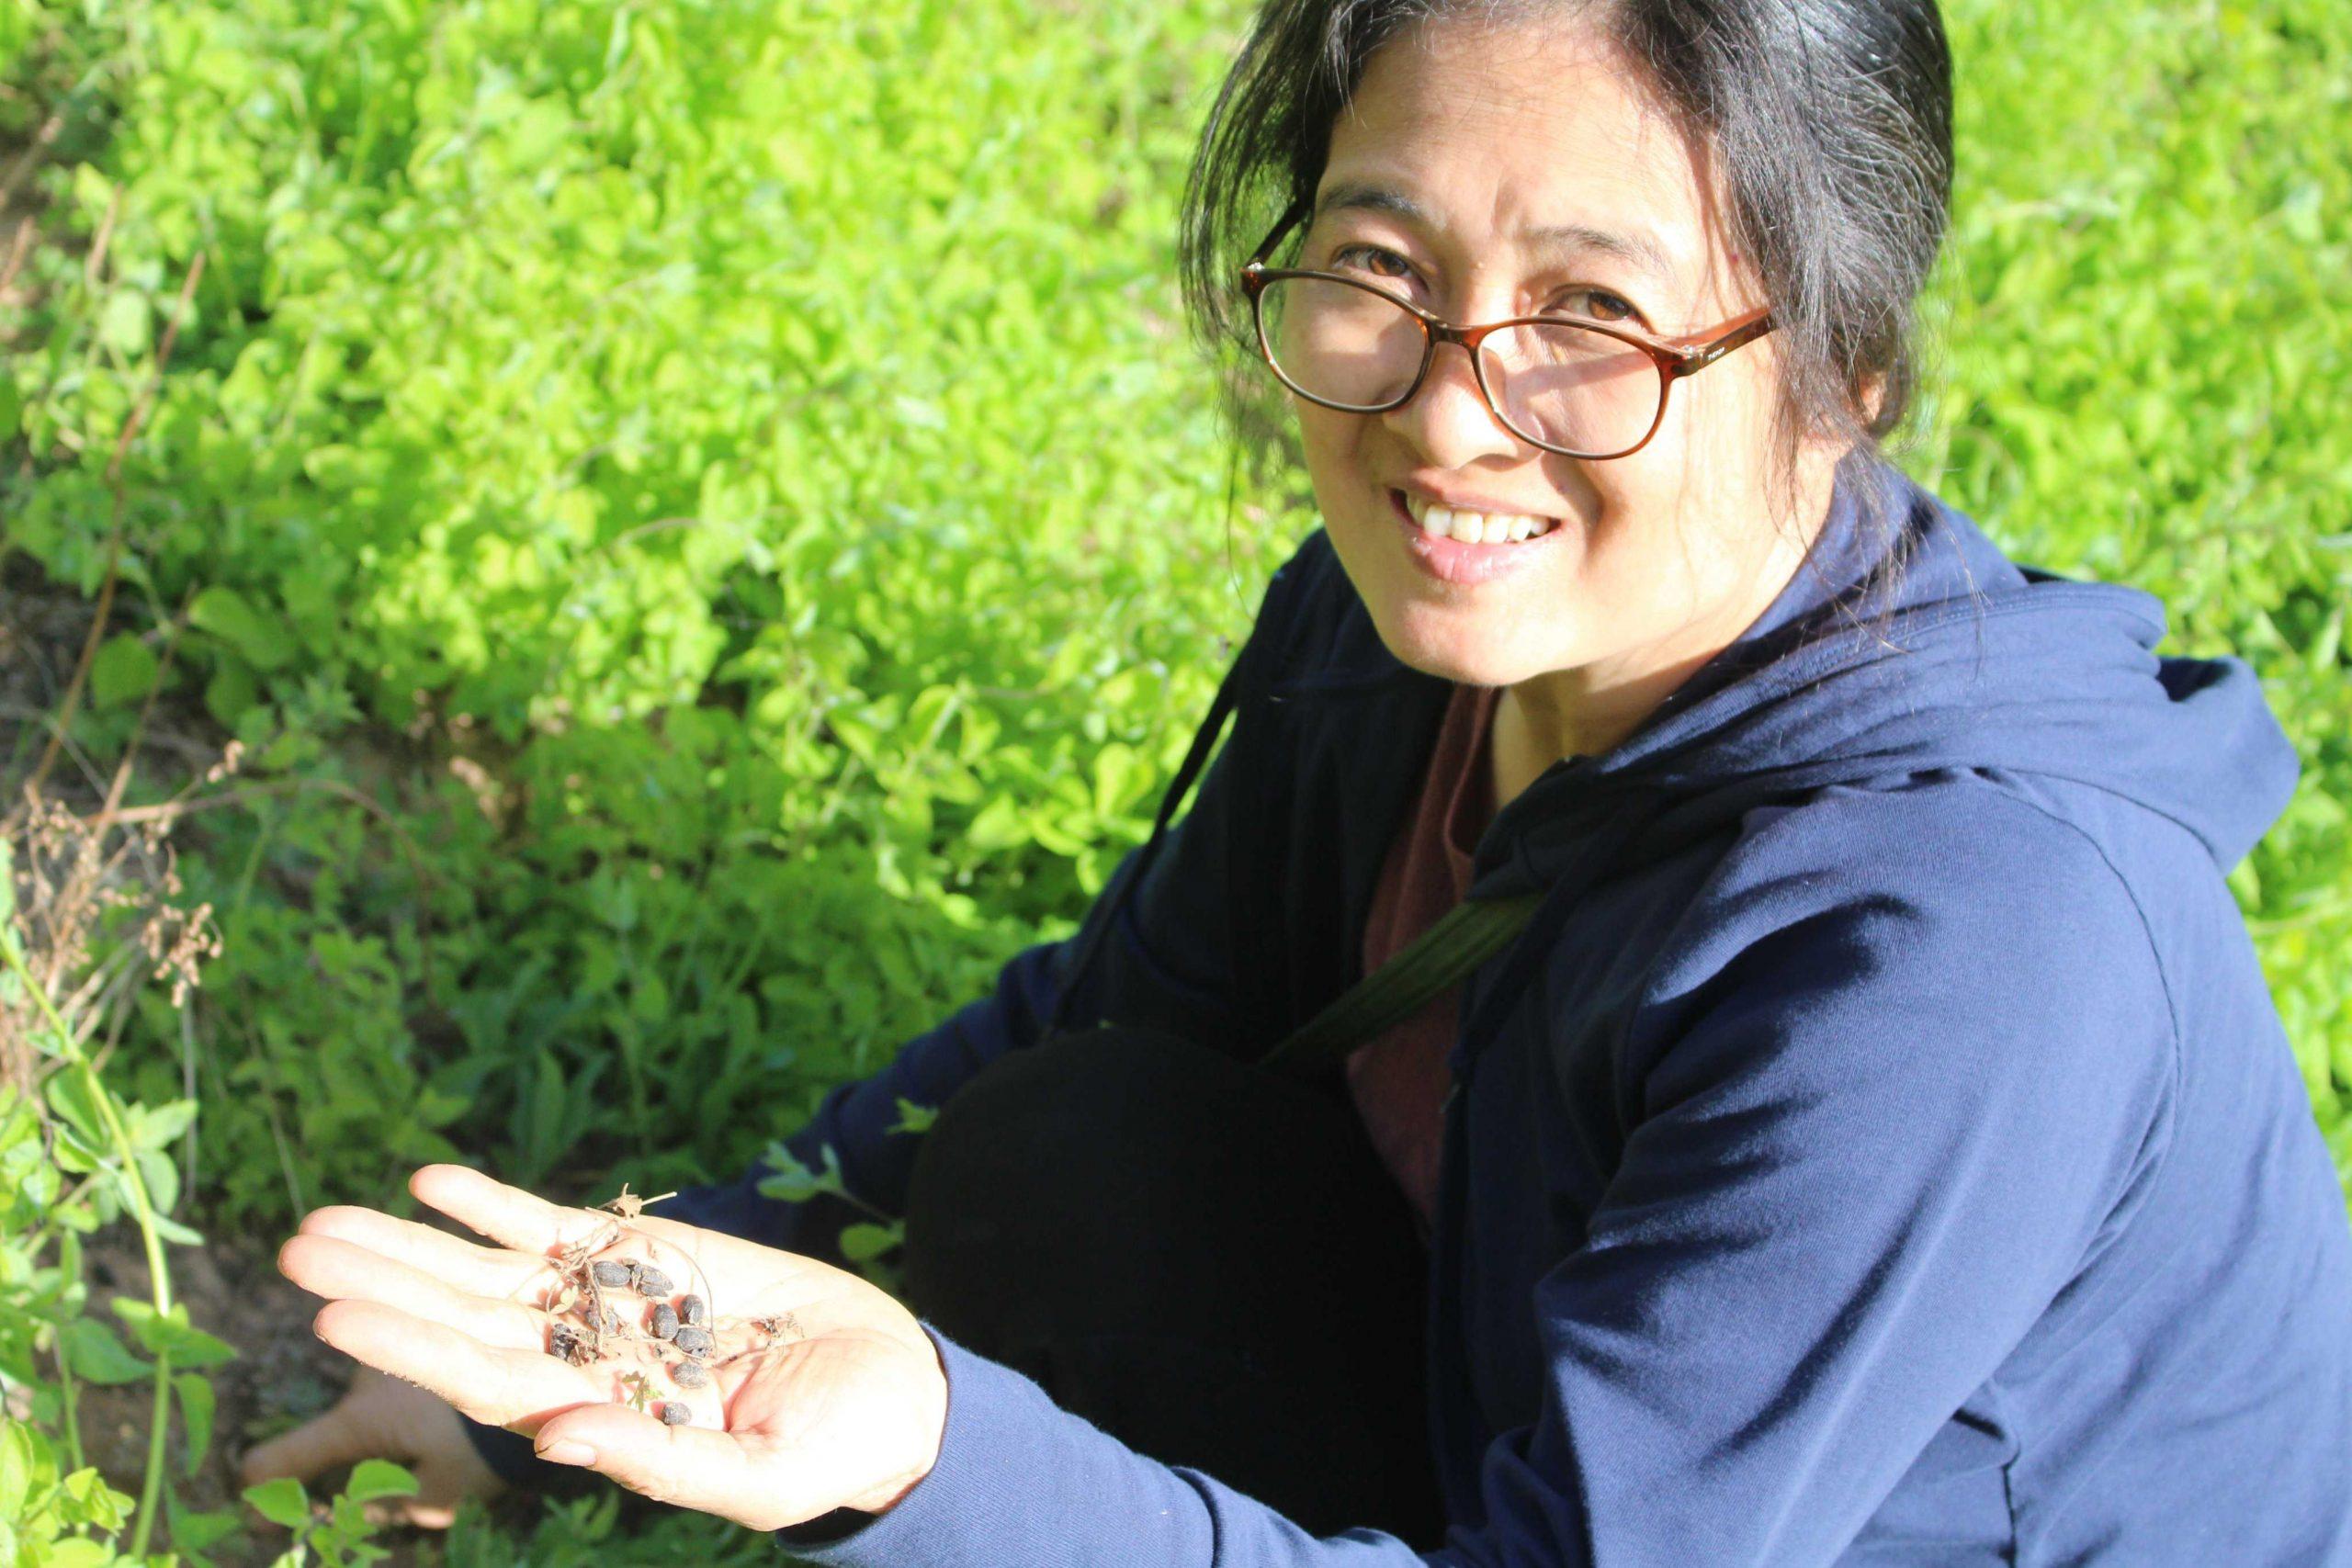 Kiểm tra độ mùn của đất và các hoạt động của vi sinh vật tại vườn hoàng kỳ hữu cơ (vị thuốc Đông y cực tốt cho bệnh giảm bạch cầu).